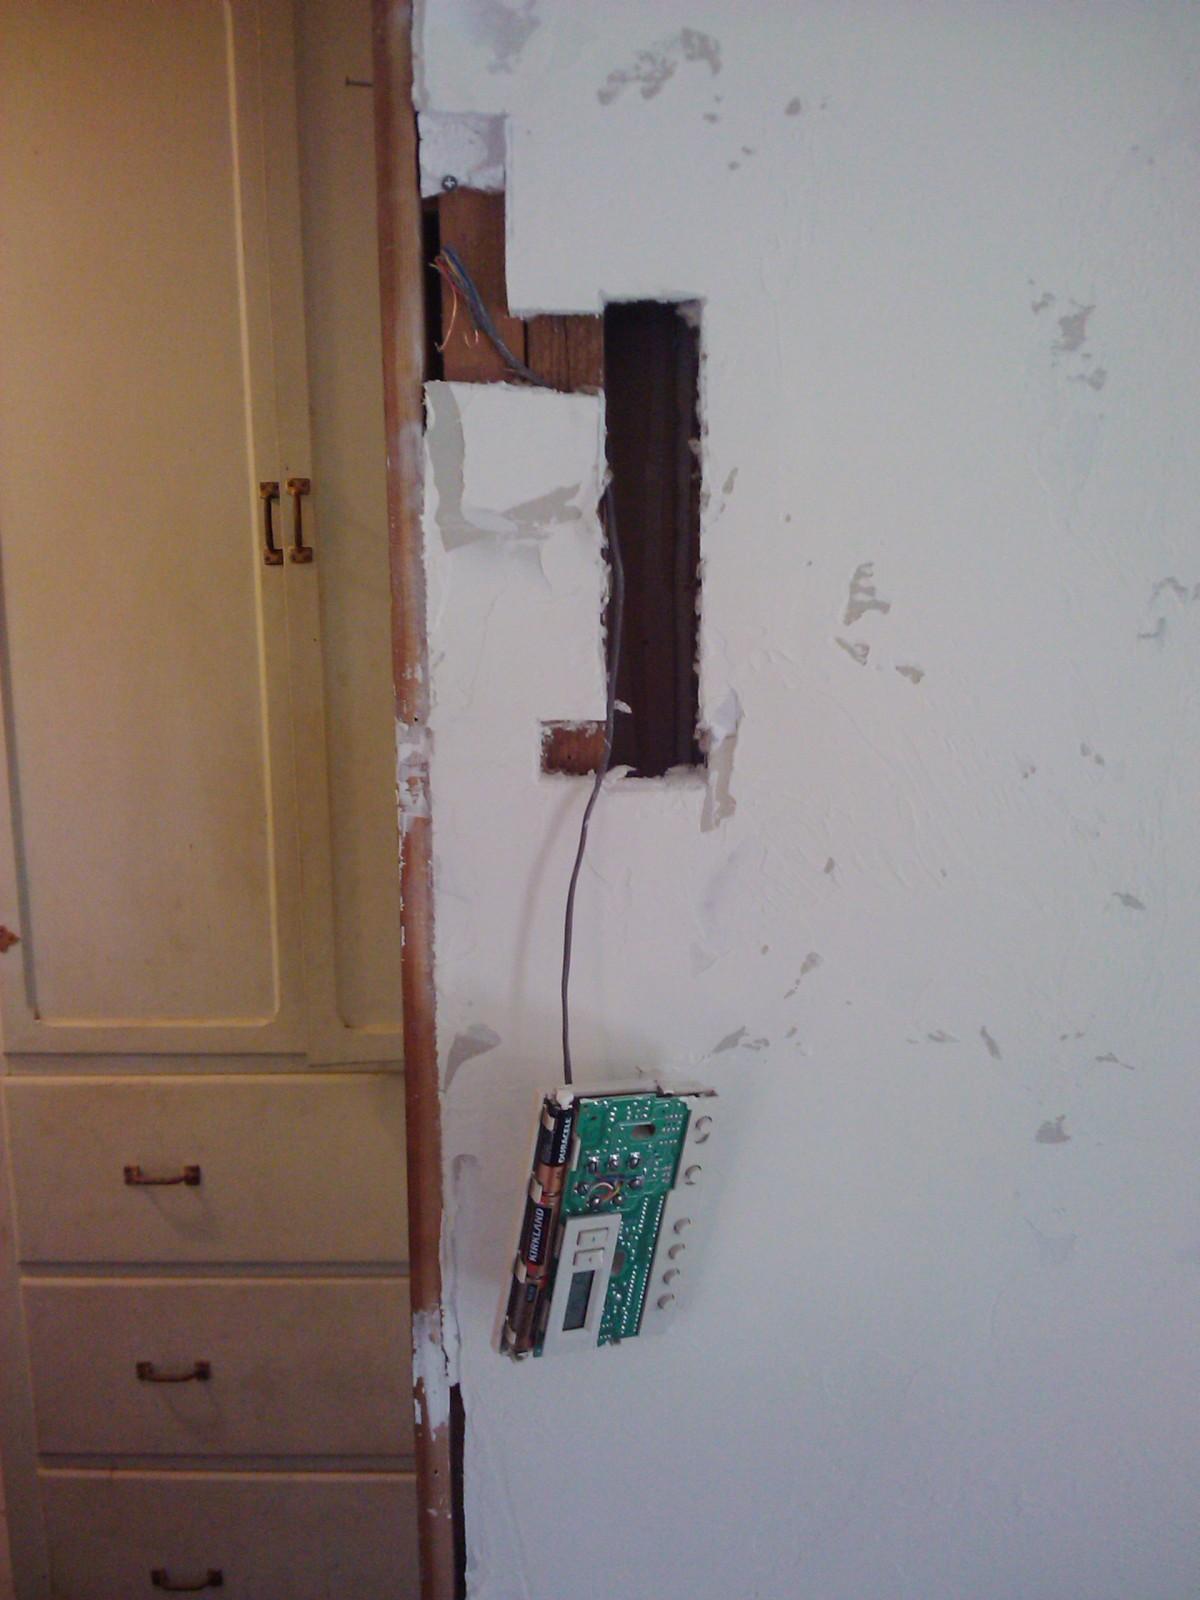 Drywall oops